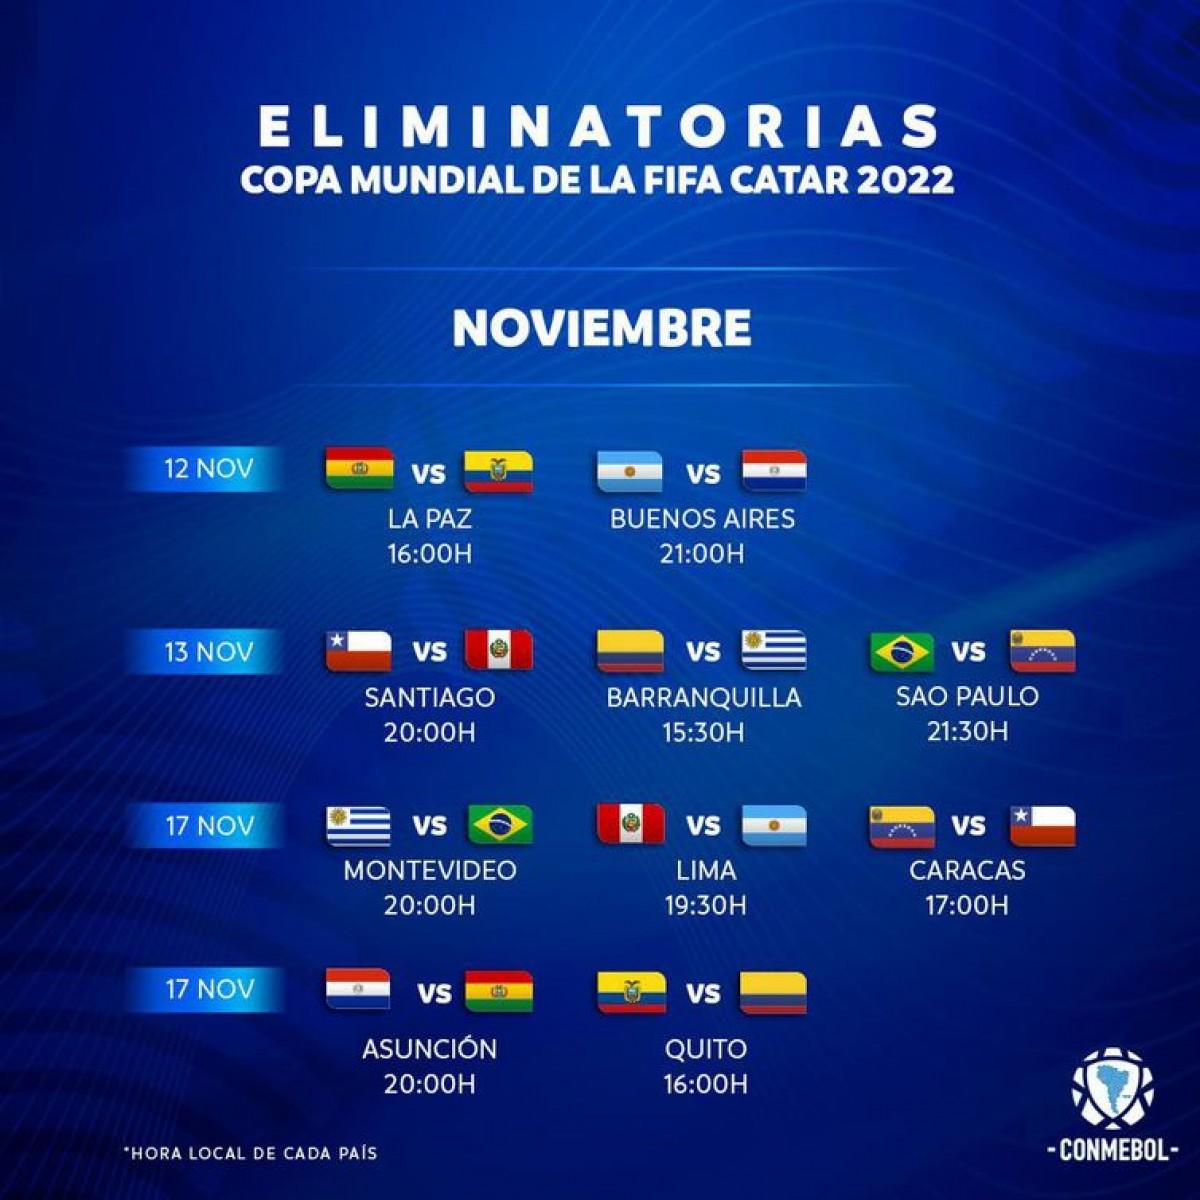 Eliminatórias: Conmebol confirma datas e horários das próximas rodadas (Imagem: Reprodução/ Twitter/ @Conmebol)